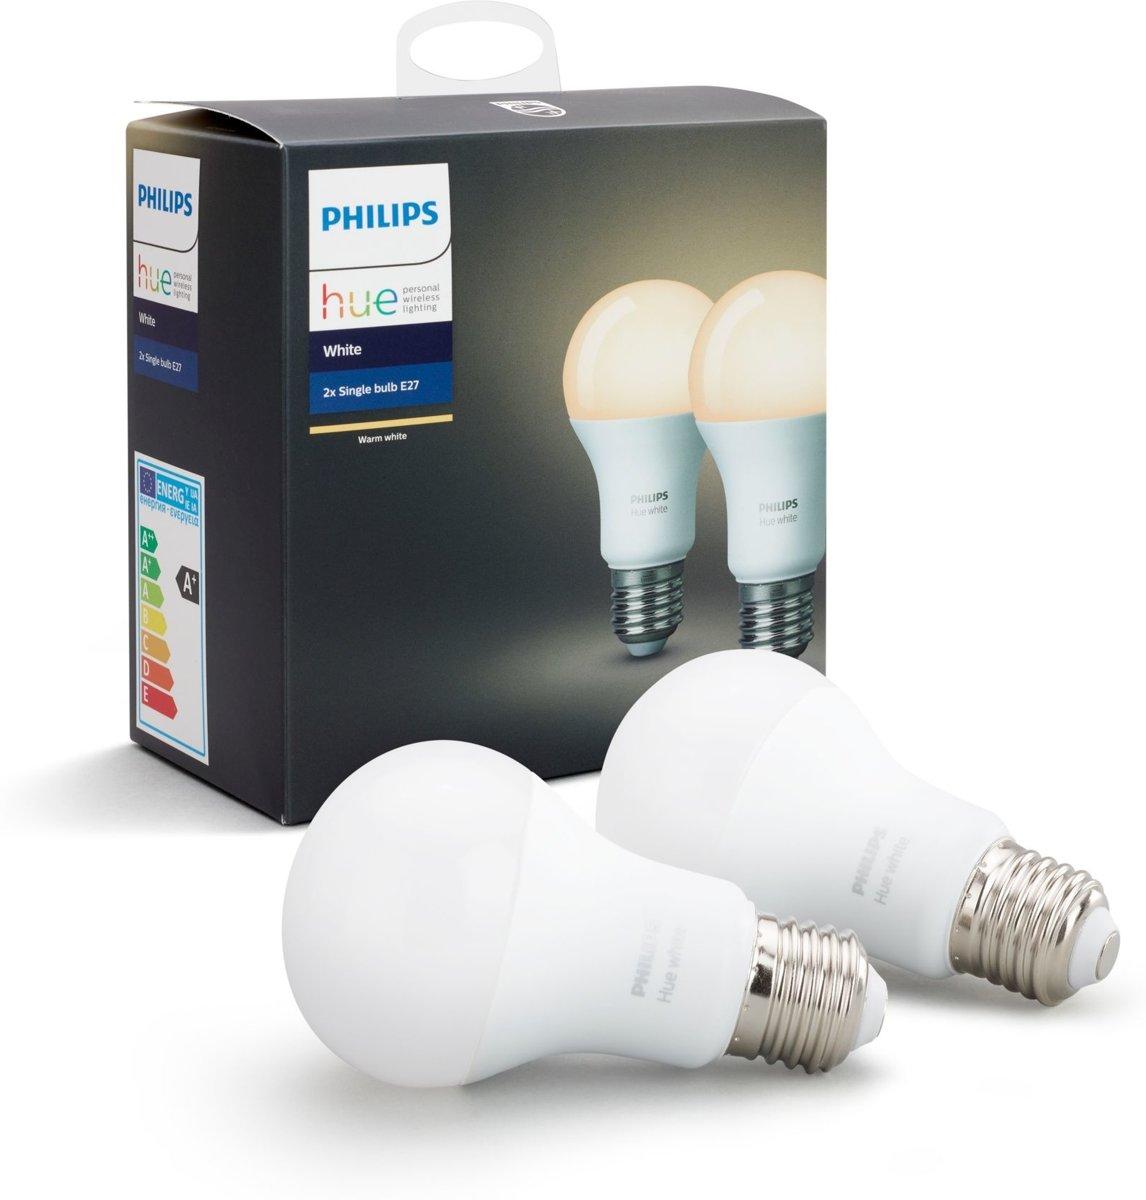 Philips Hue sfeerverlichting White E27 Duopak